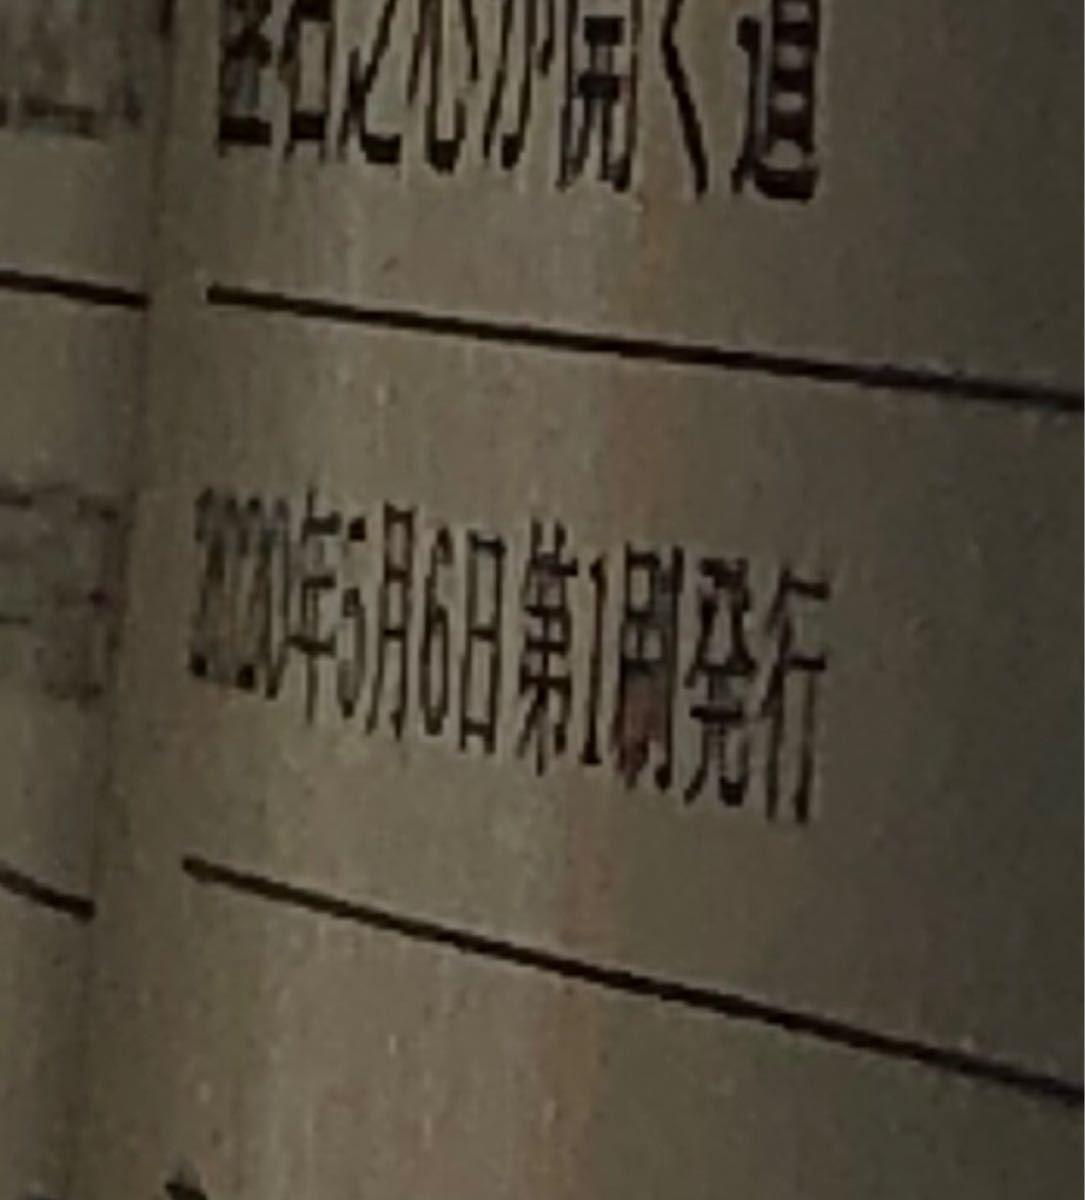 鬼滅の刃(20) ポストカードセット付き特装版 初版